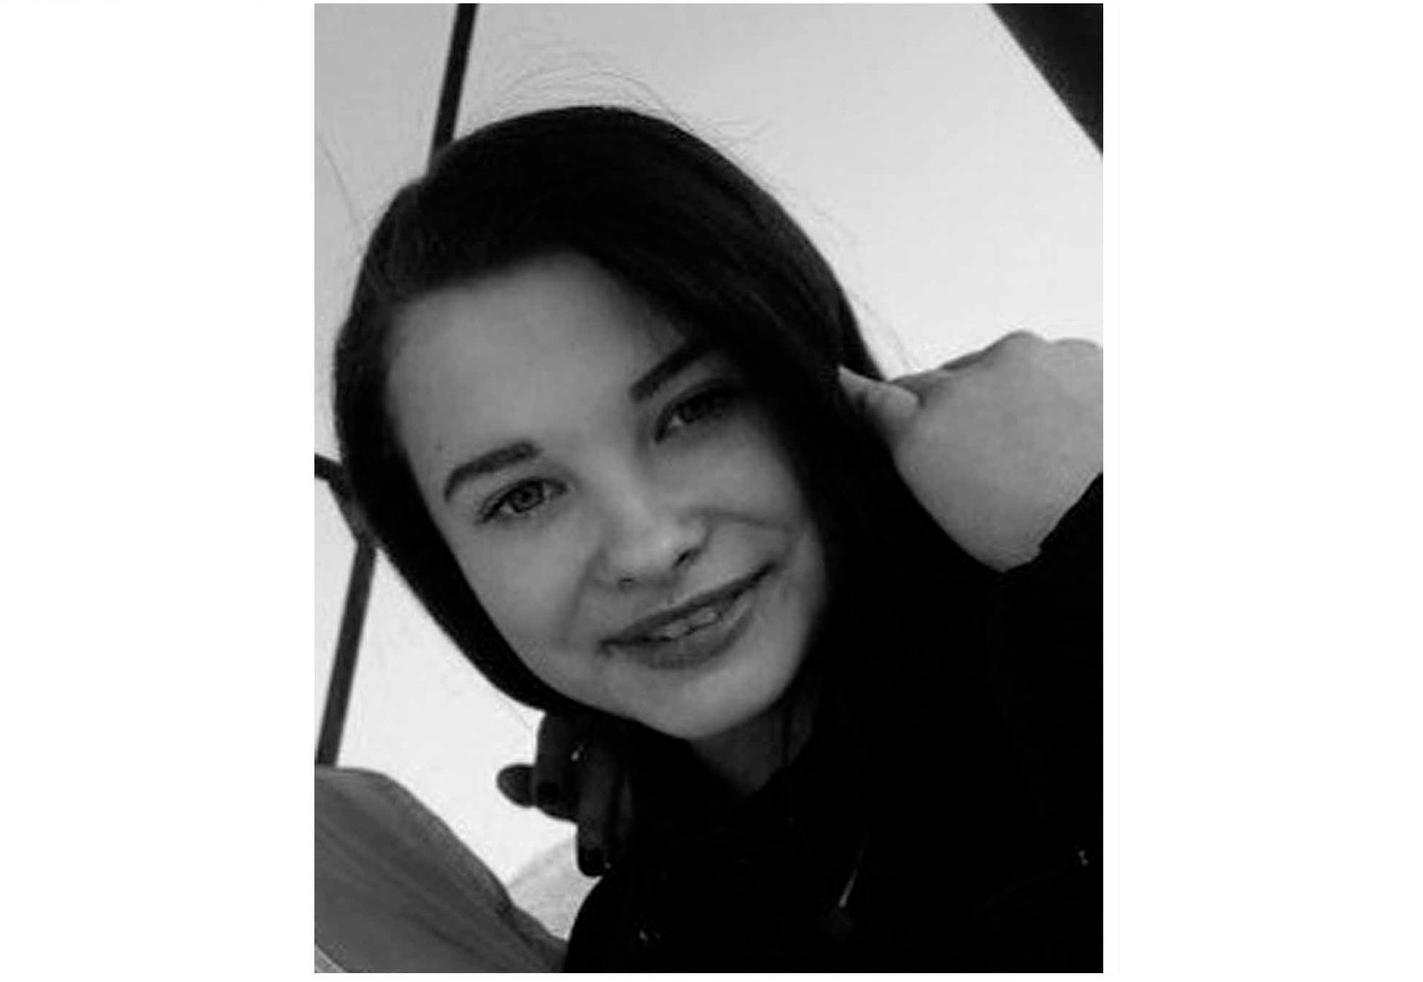 Пропавшая 15-летняя девушка найдена